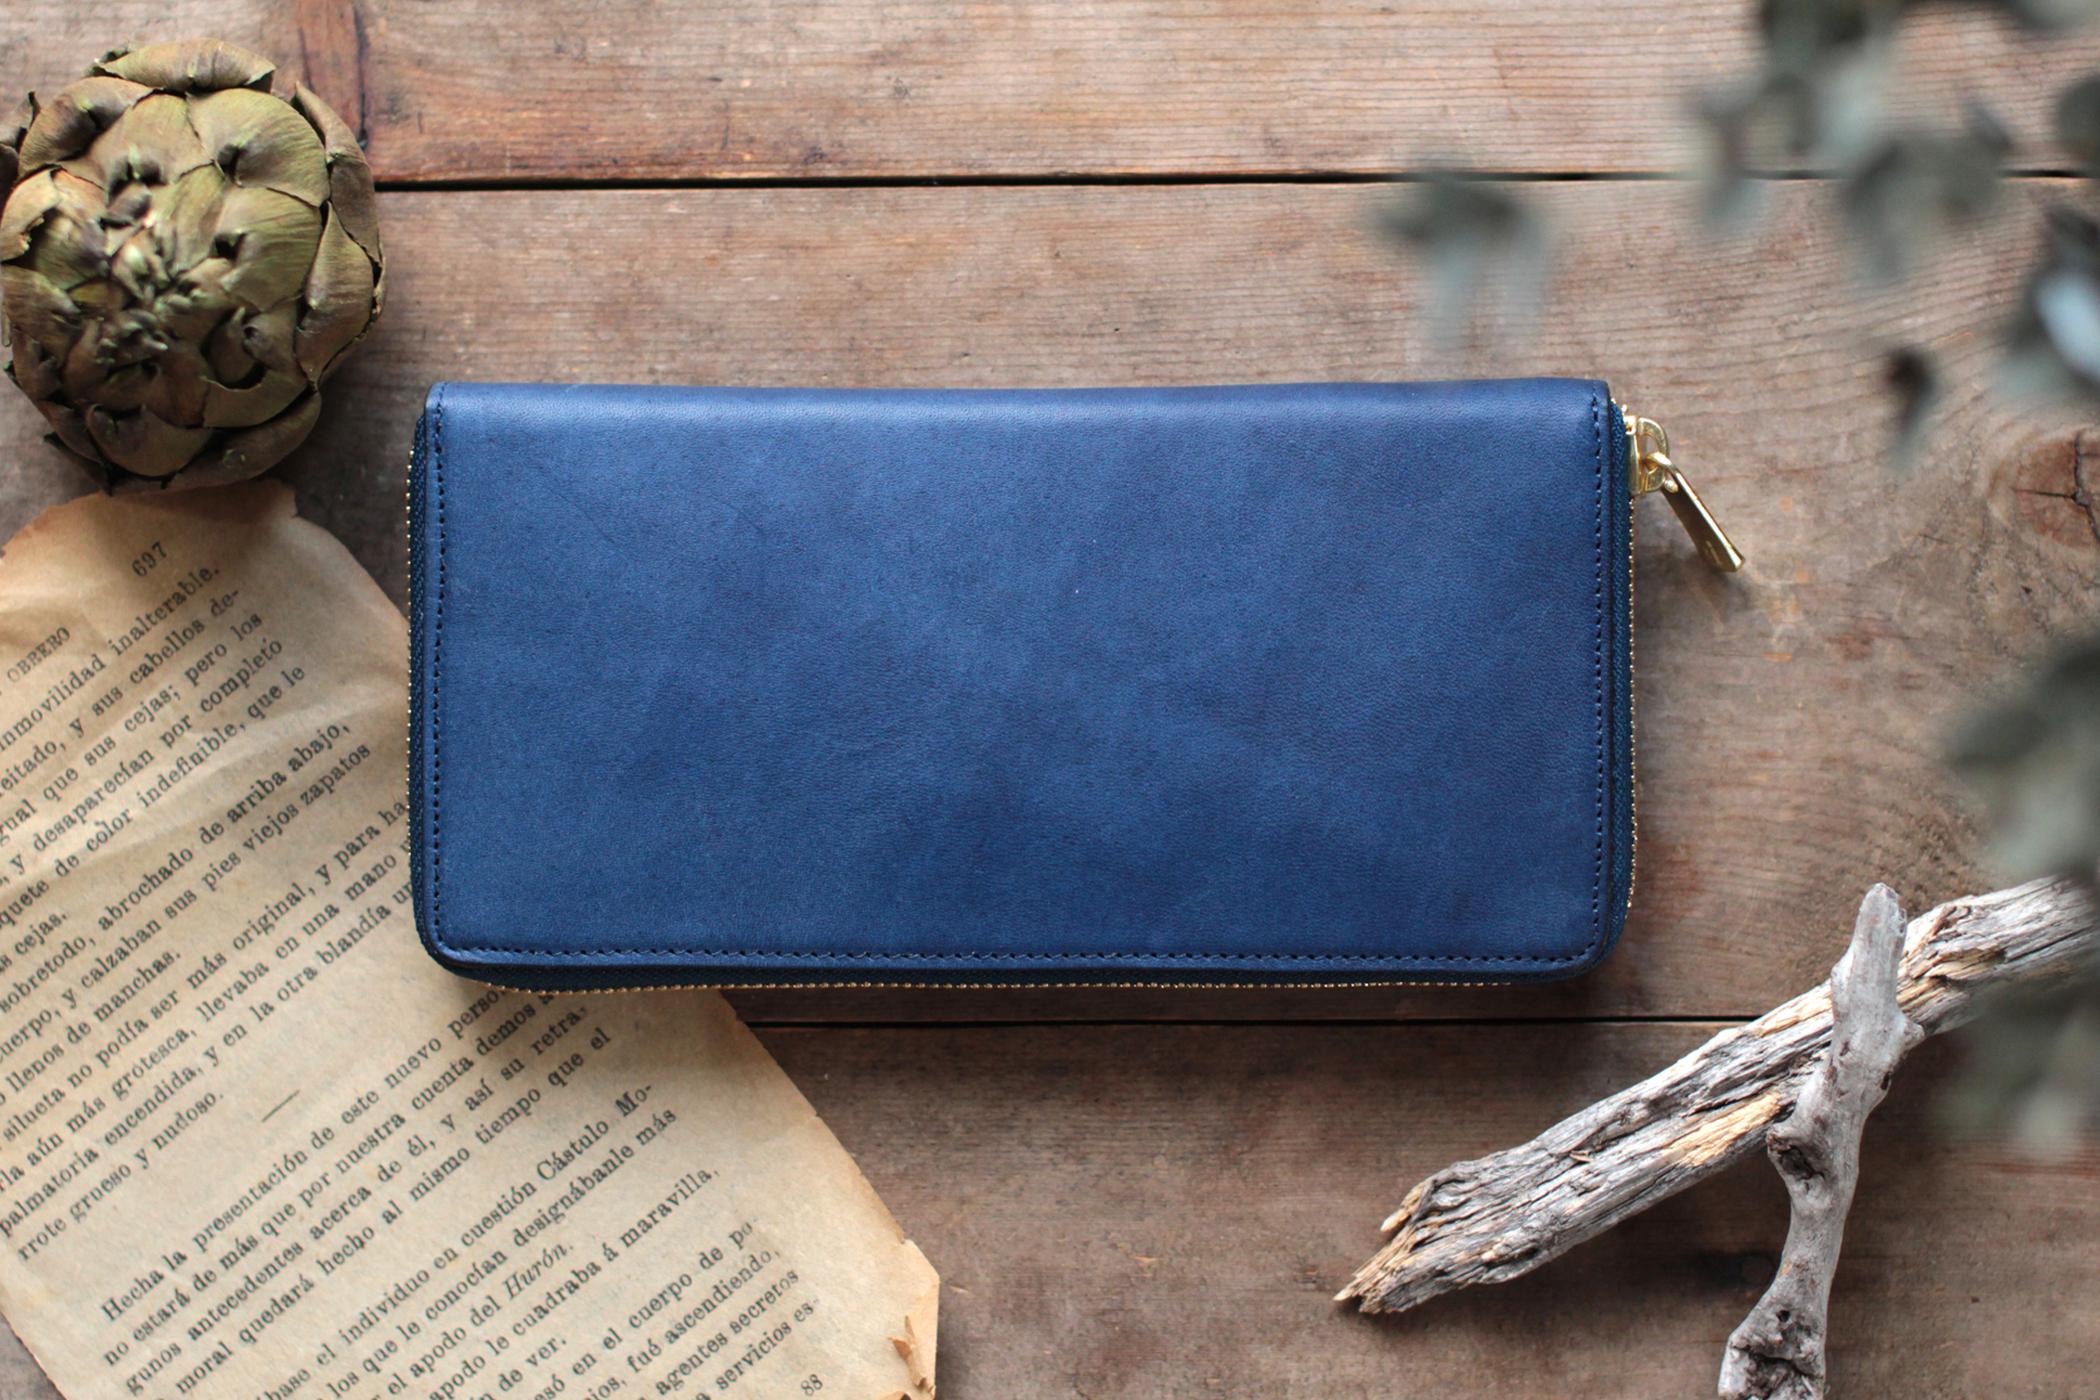 藍染革[bridle] ×オイルレザー ラウンドファスナー長財布